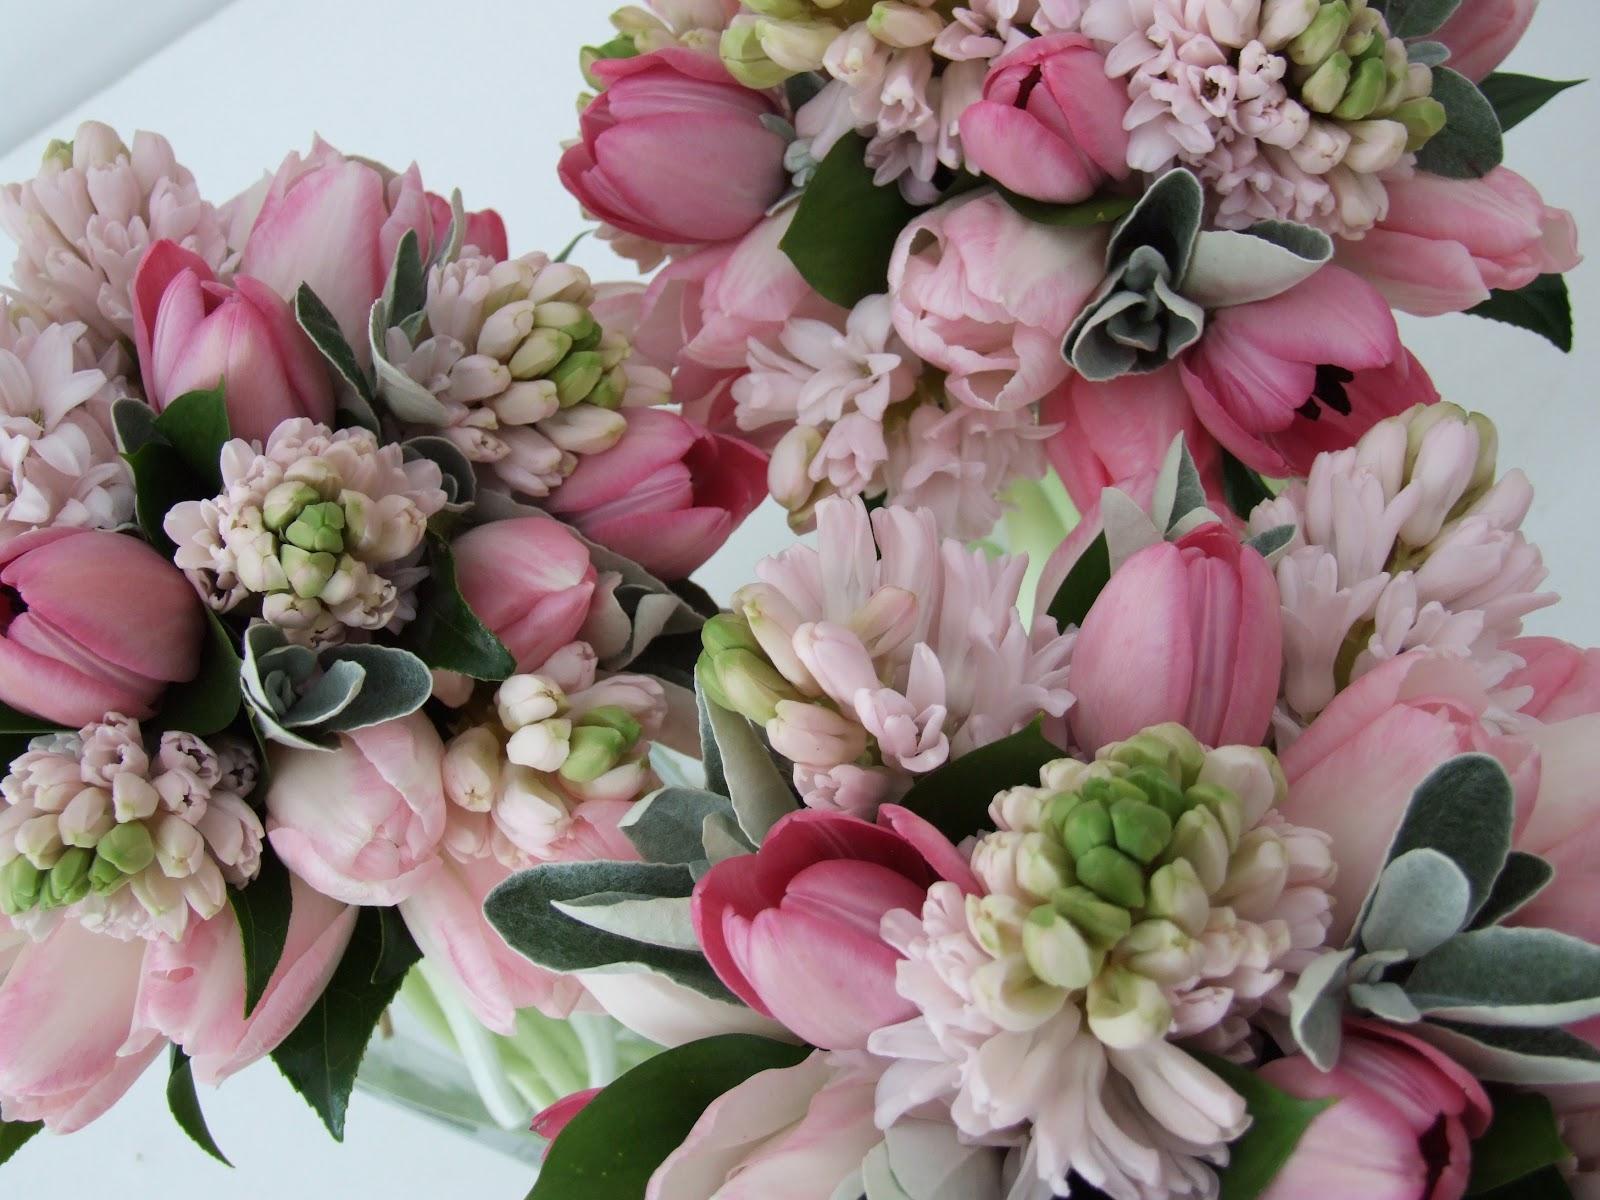 aranjamente florale pentru nunta de primavara